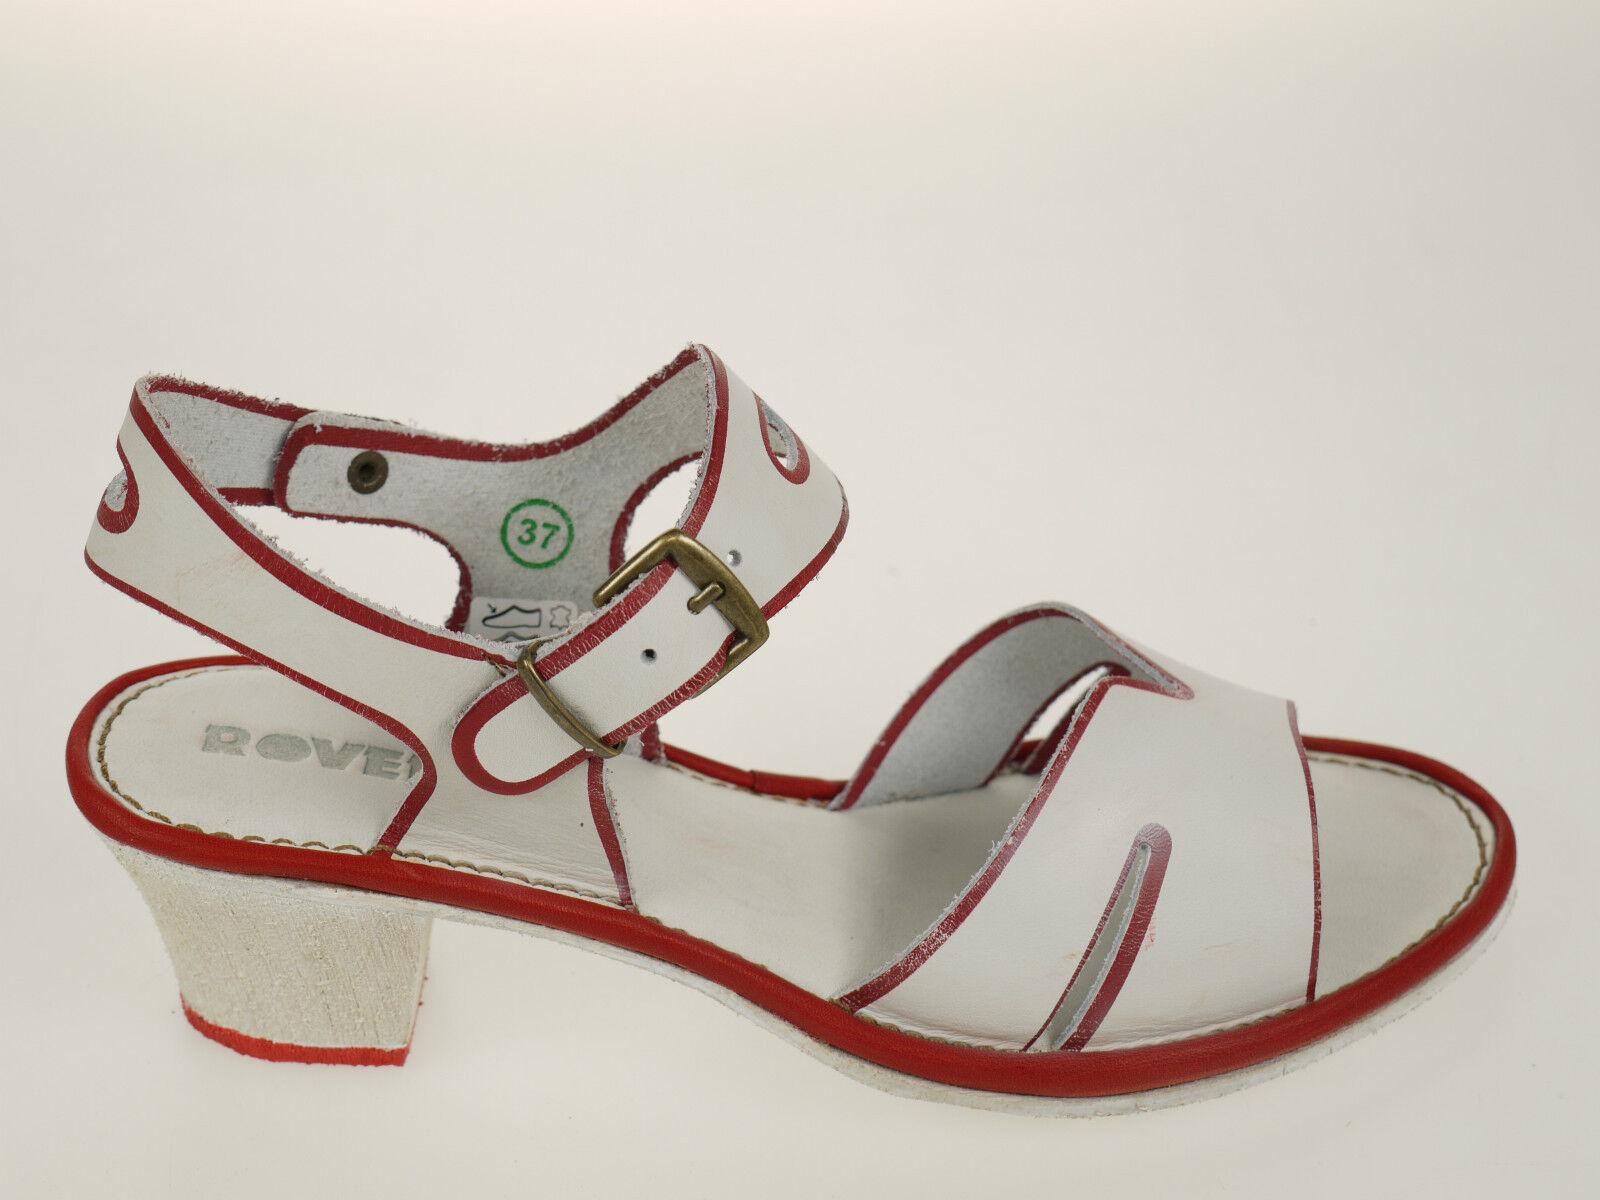 Rovers Schuhe Pumps Art. 40000 weiß Gr. 40 Original Schuhe  Neu und OVP